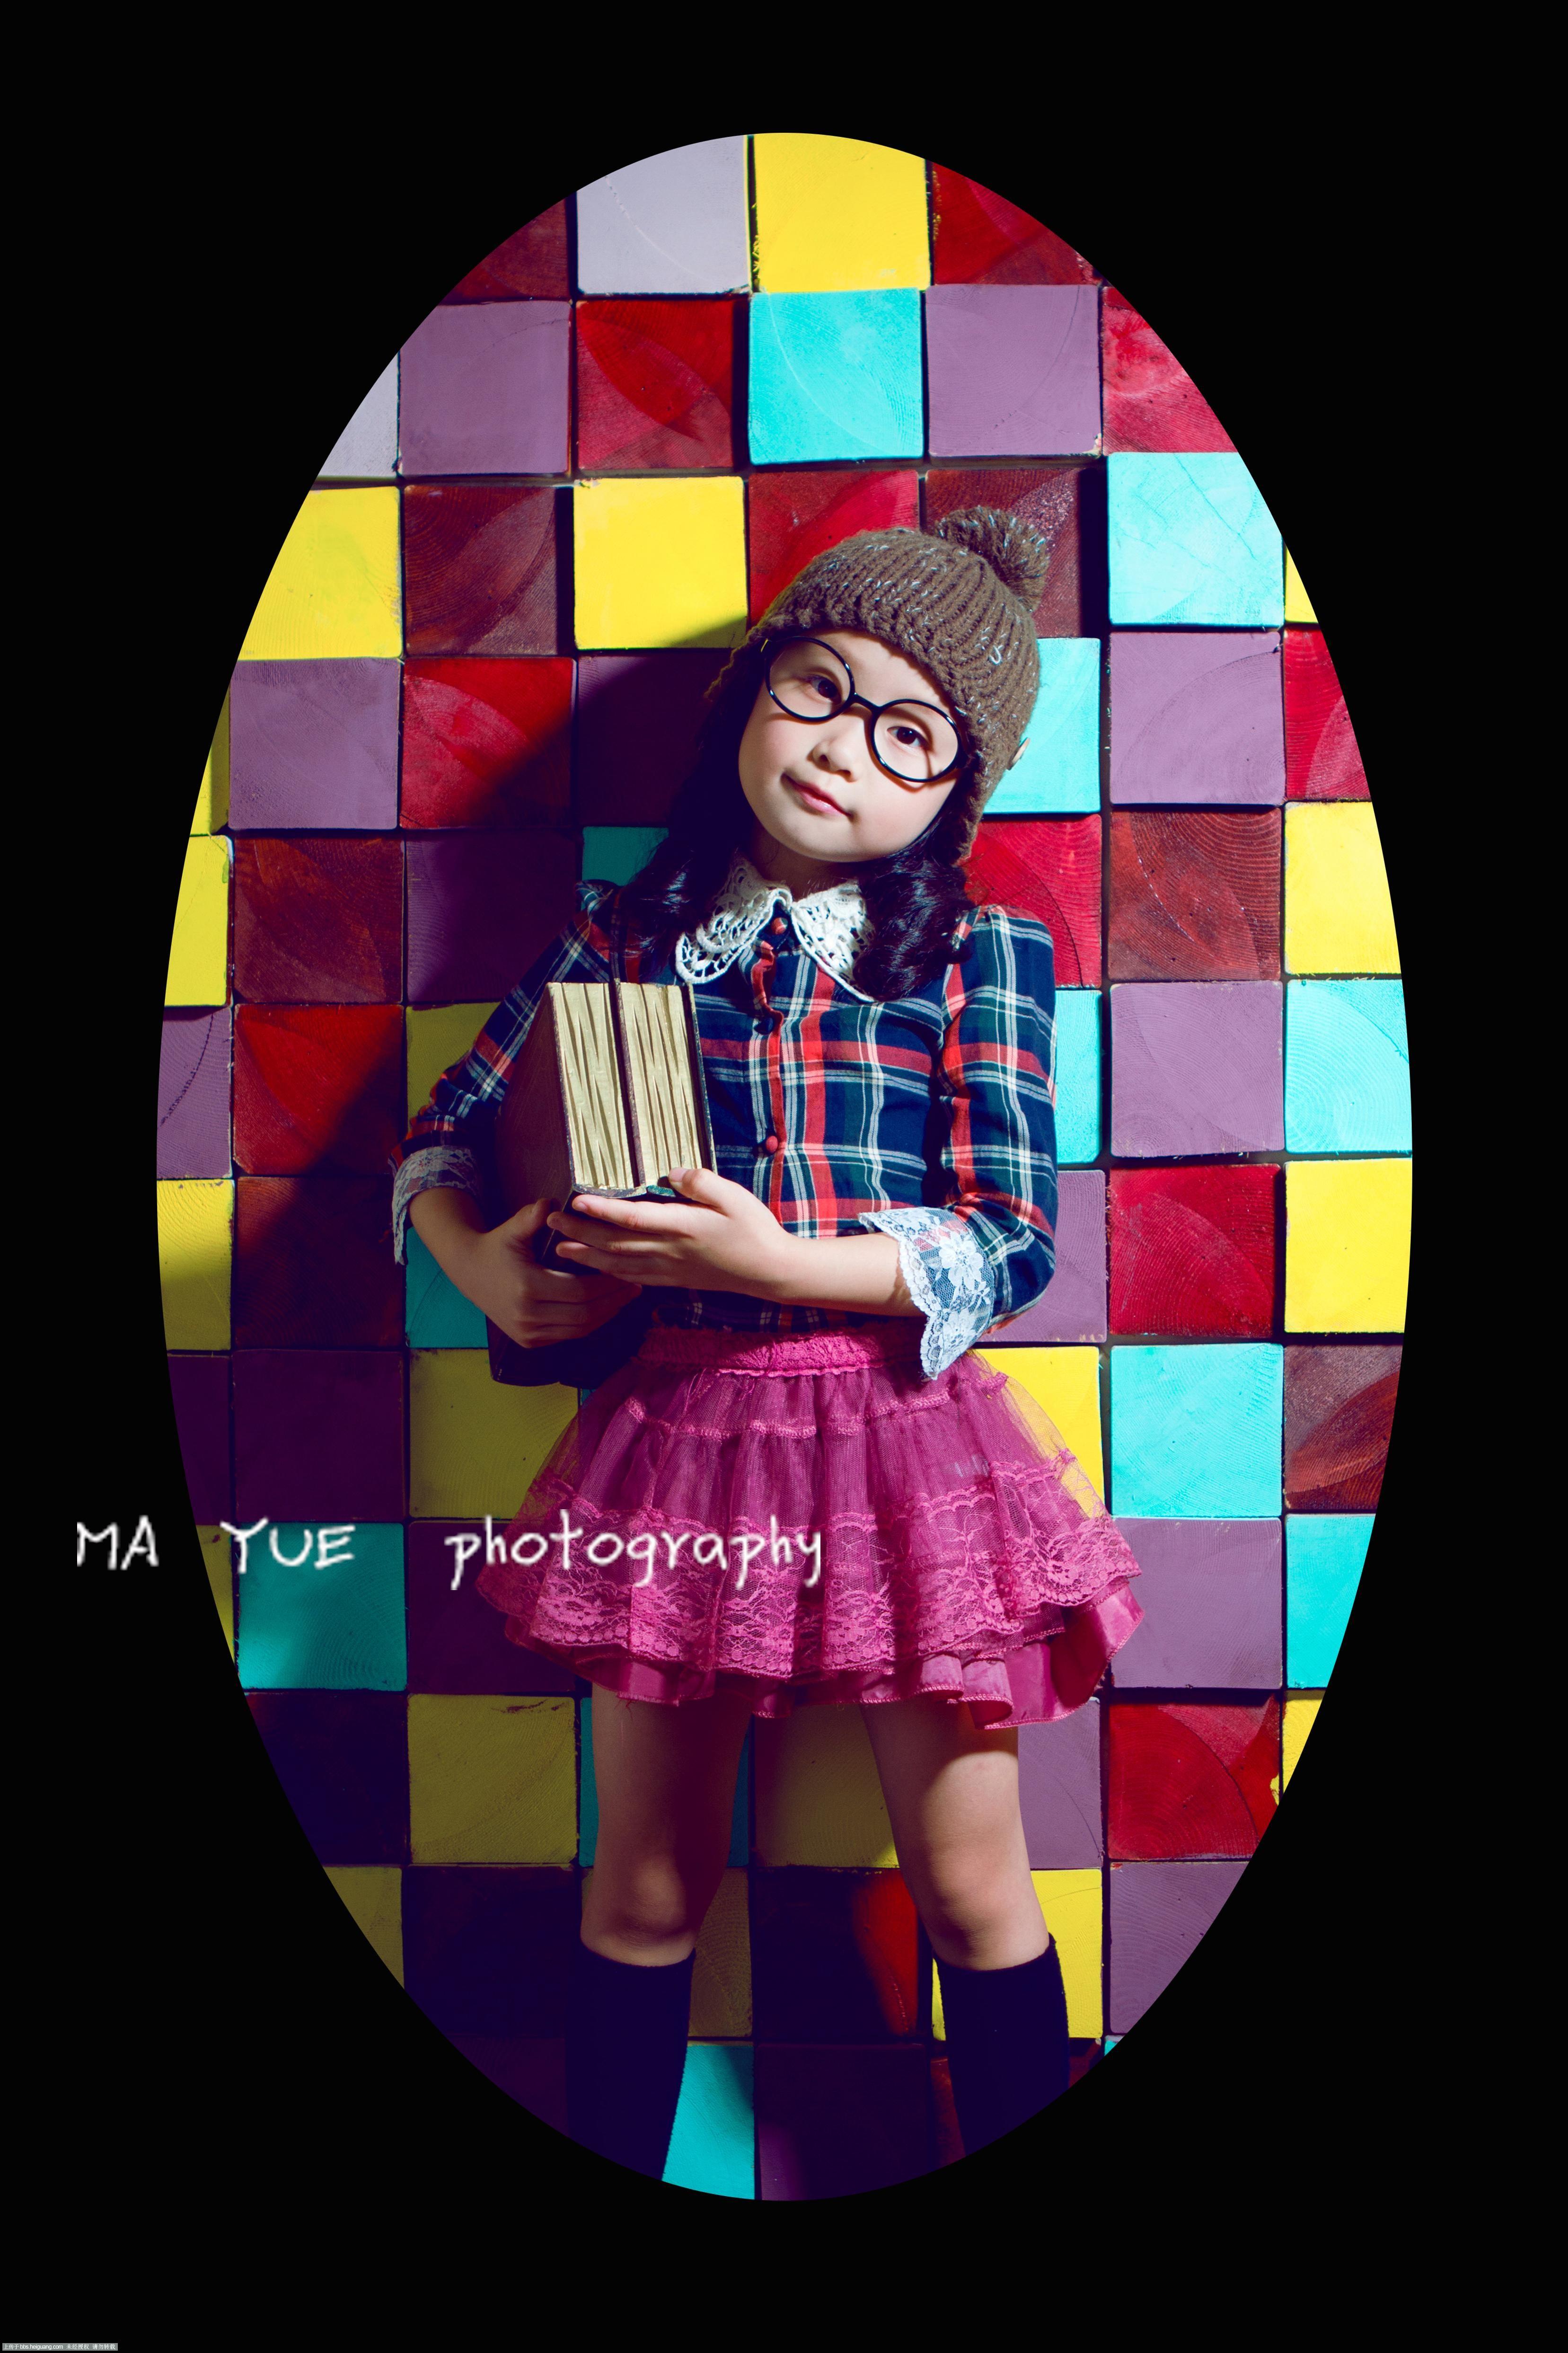 简单创意儿童摄影